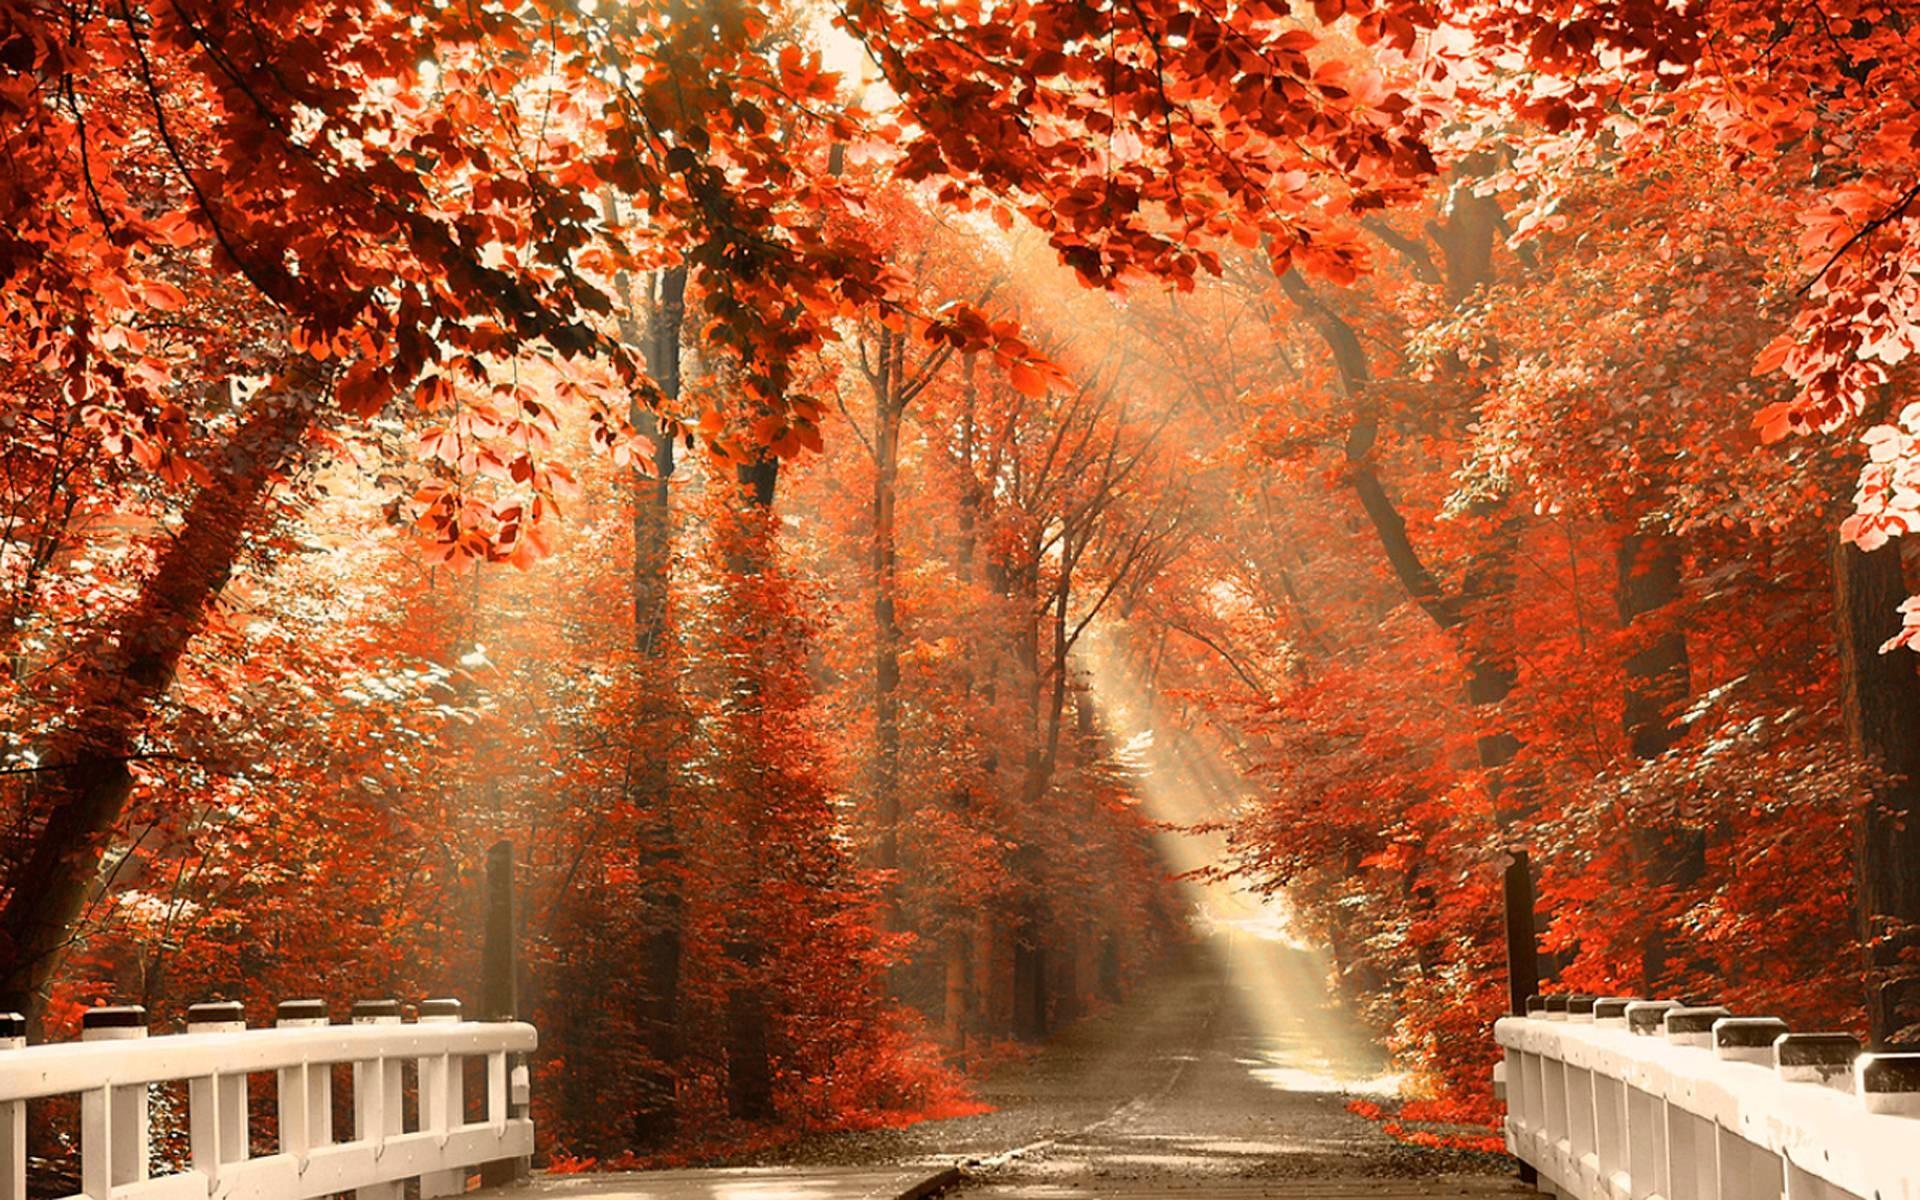 Autumn Nature Wallpaper Desktop Pictures 5 HD Wallpapers | Eakai.